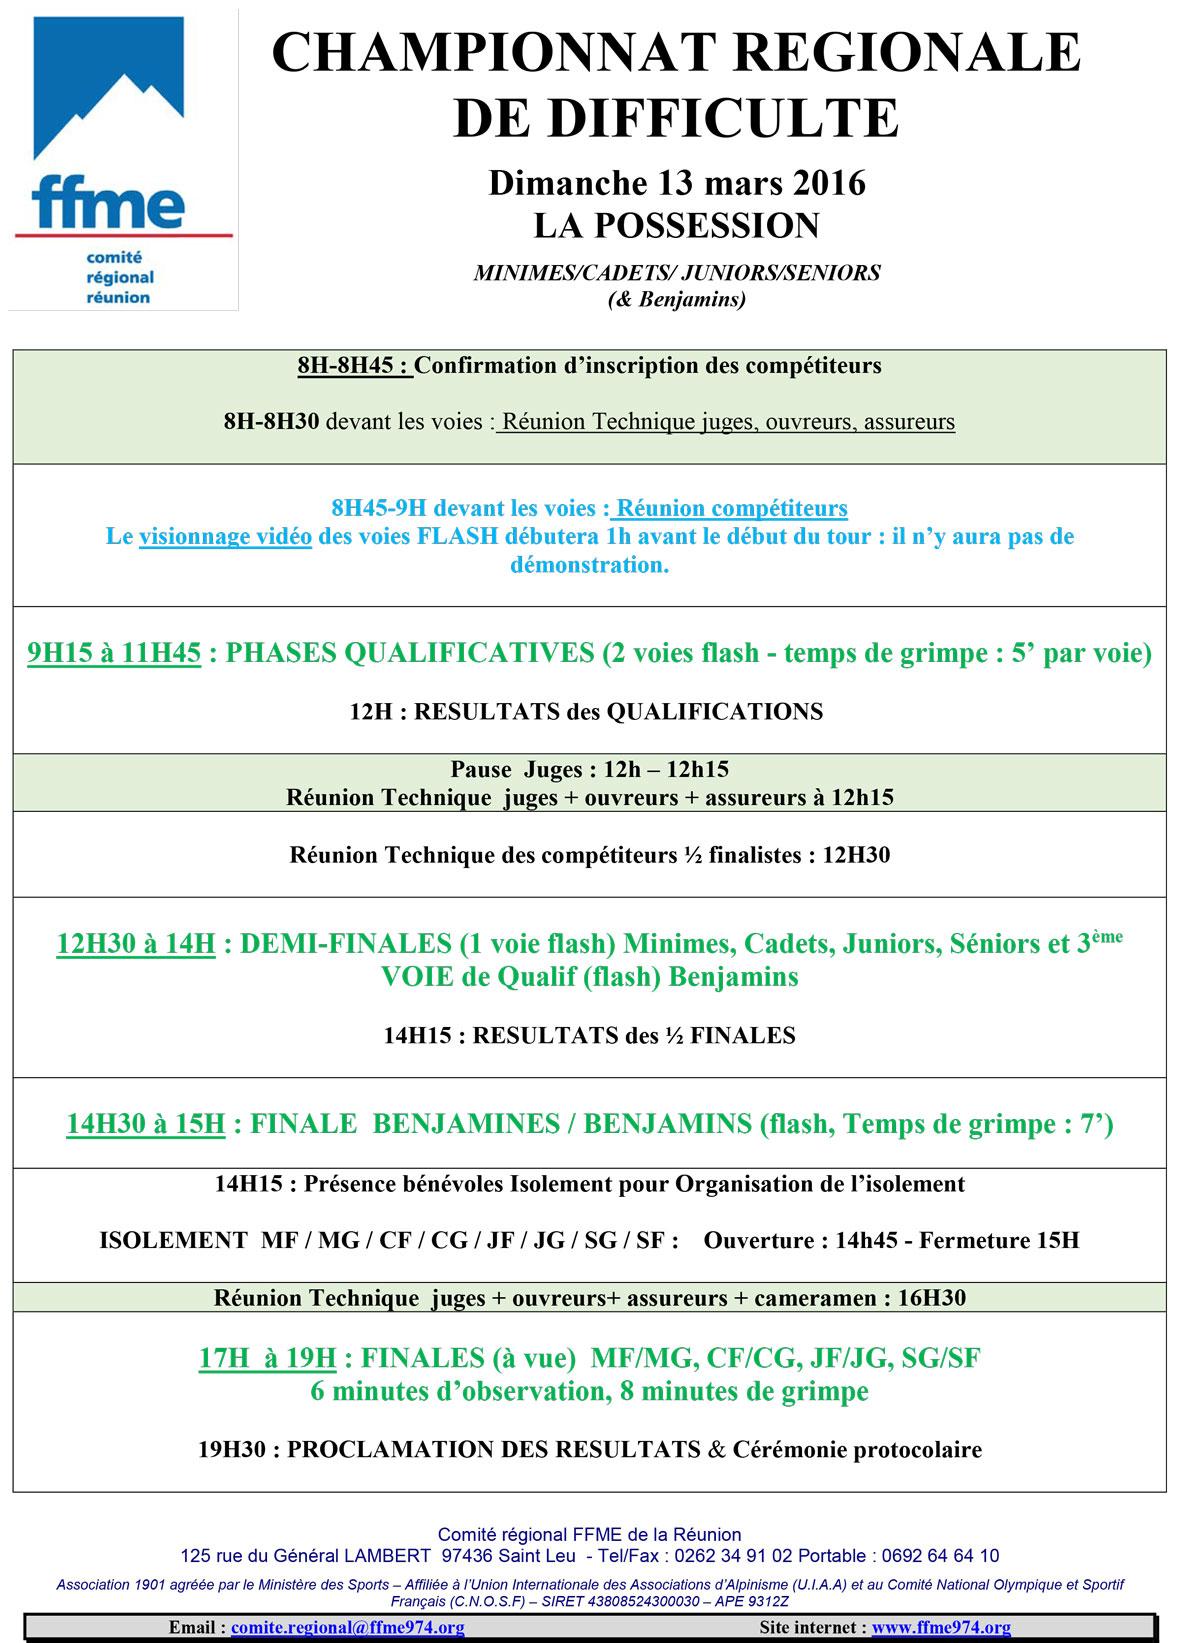 CHAMPIONNAT REGIONAL DE DIFFICULTE 2016 - FFME 974 62786343f5c